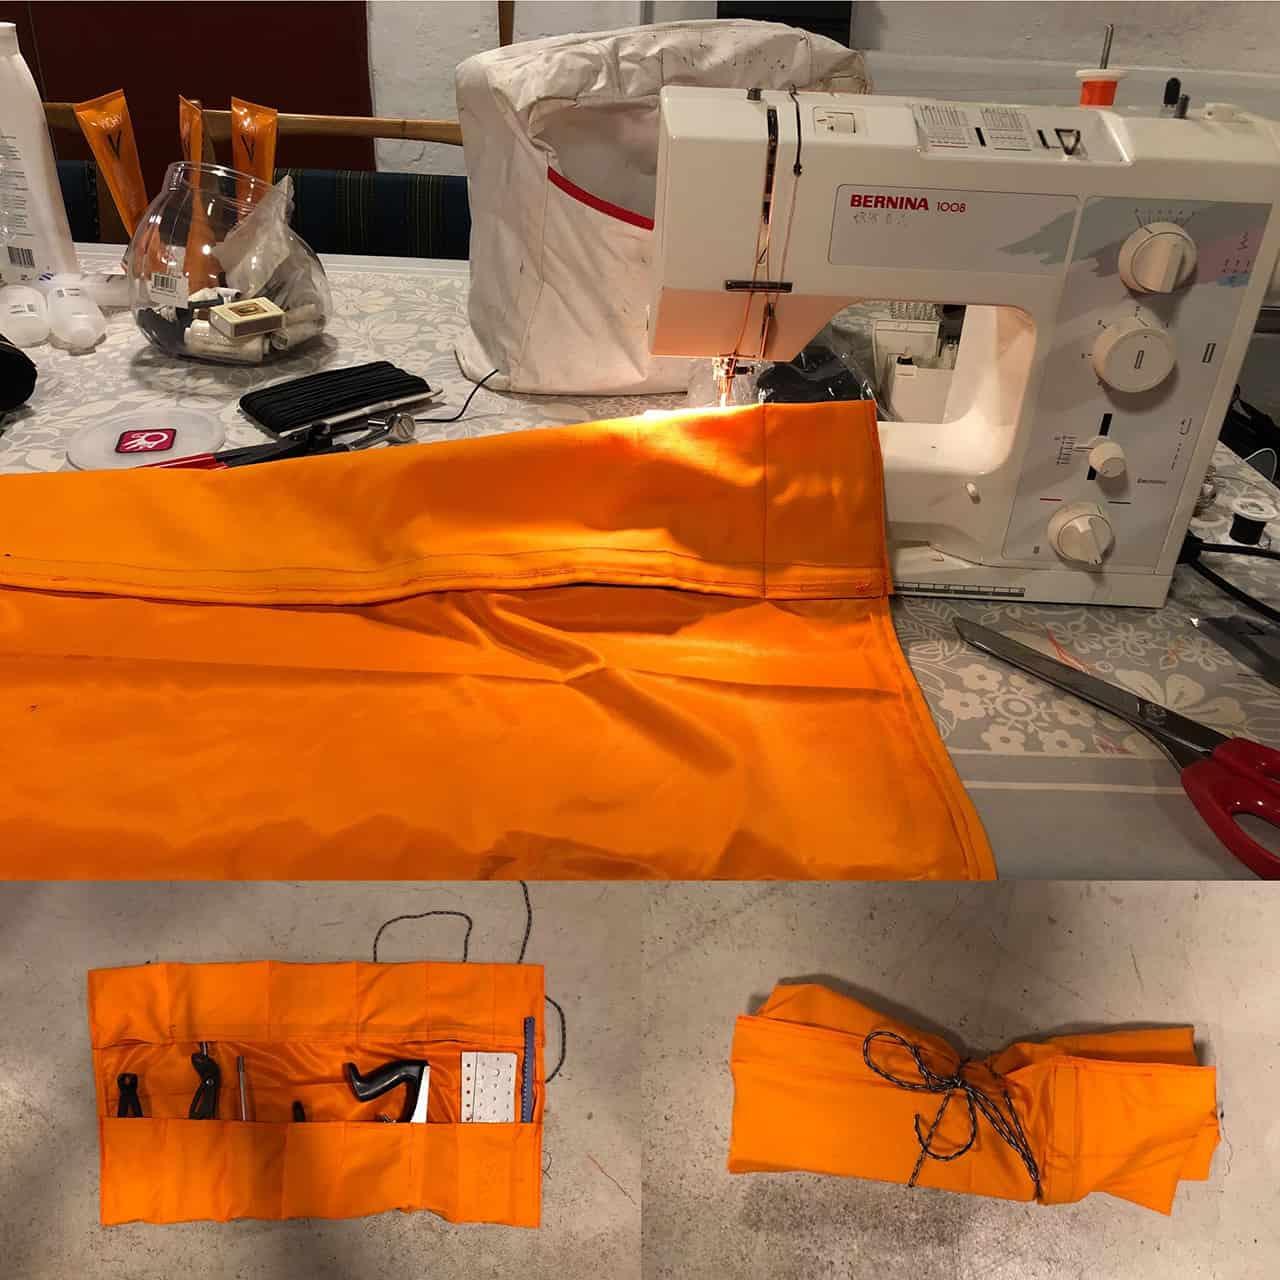 Symaskine og taske til værktøj, er ved at blive syet